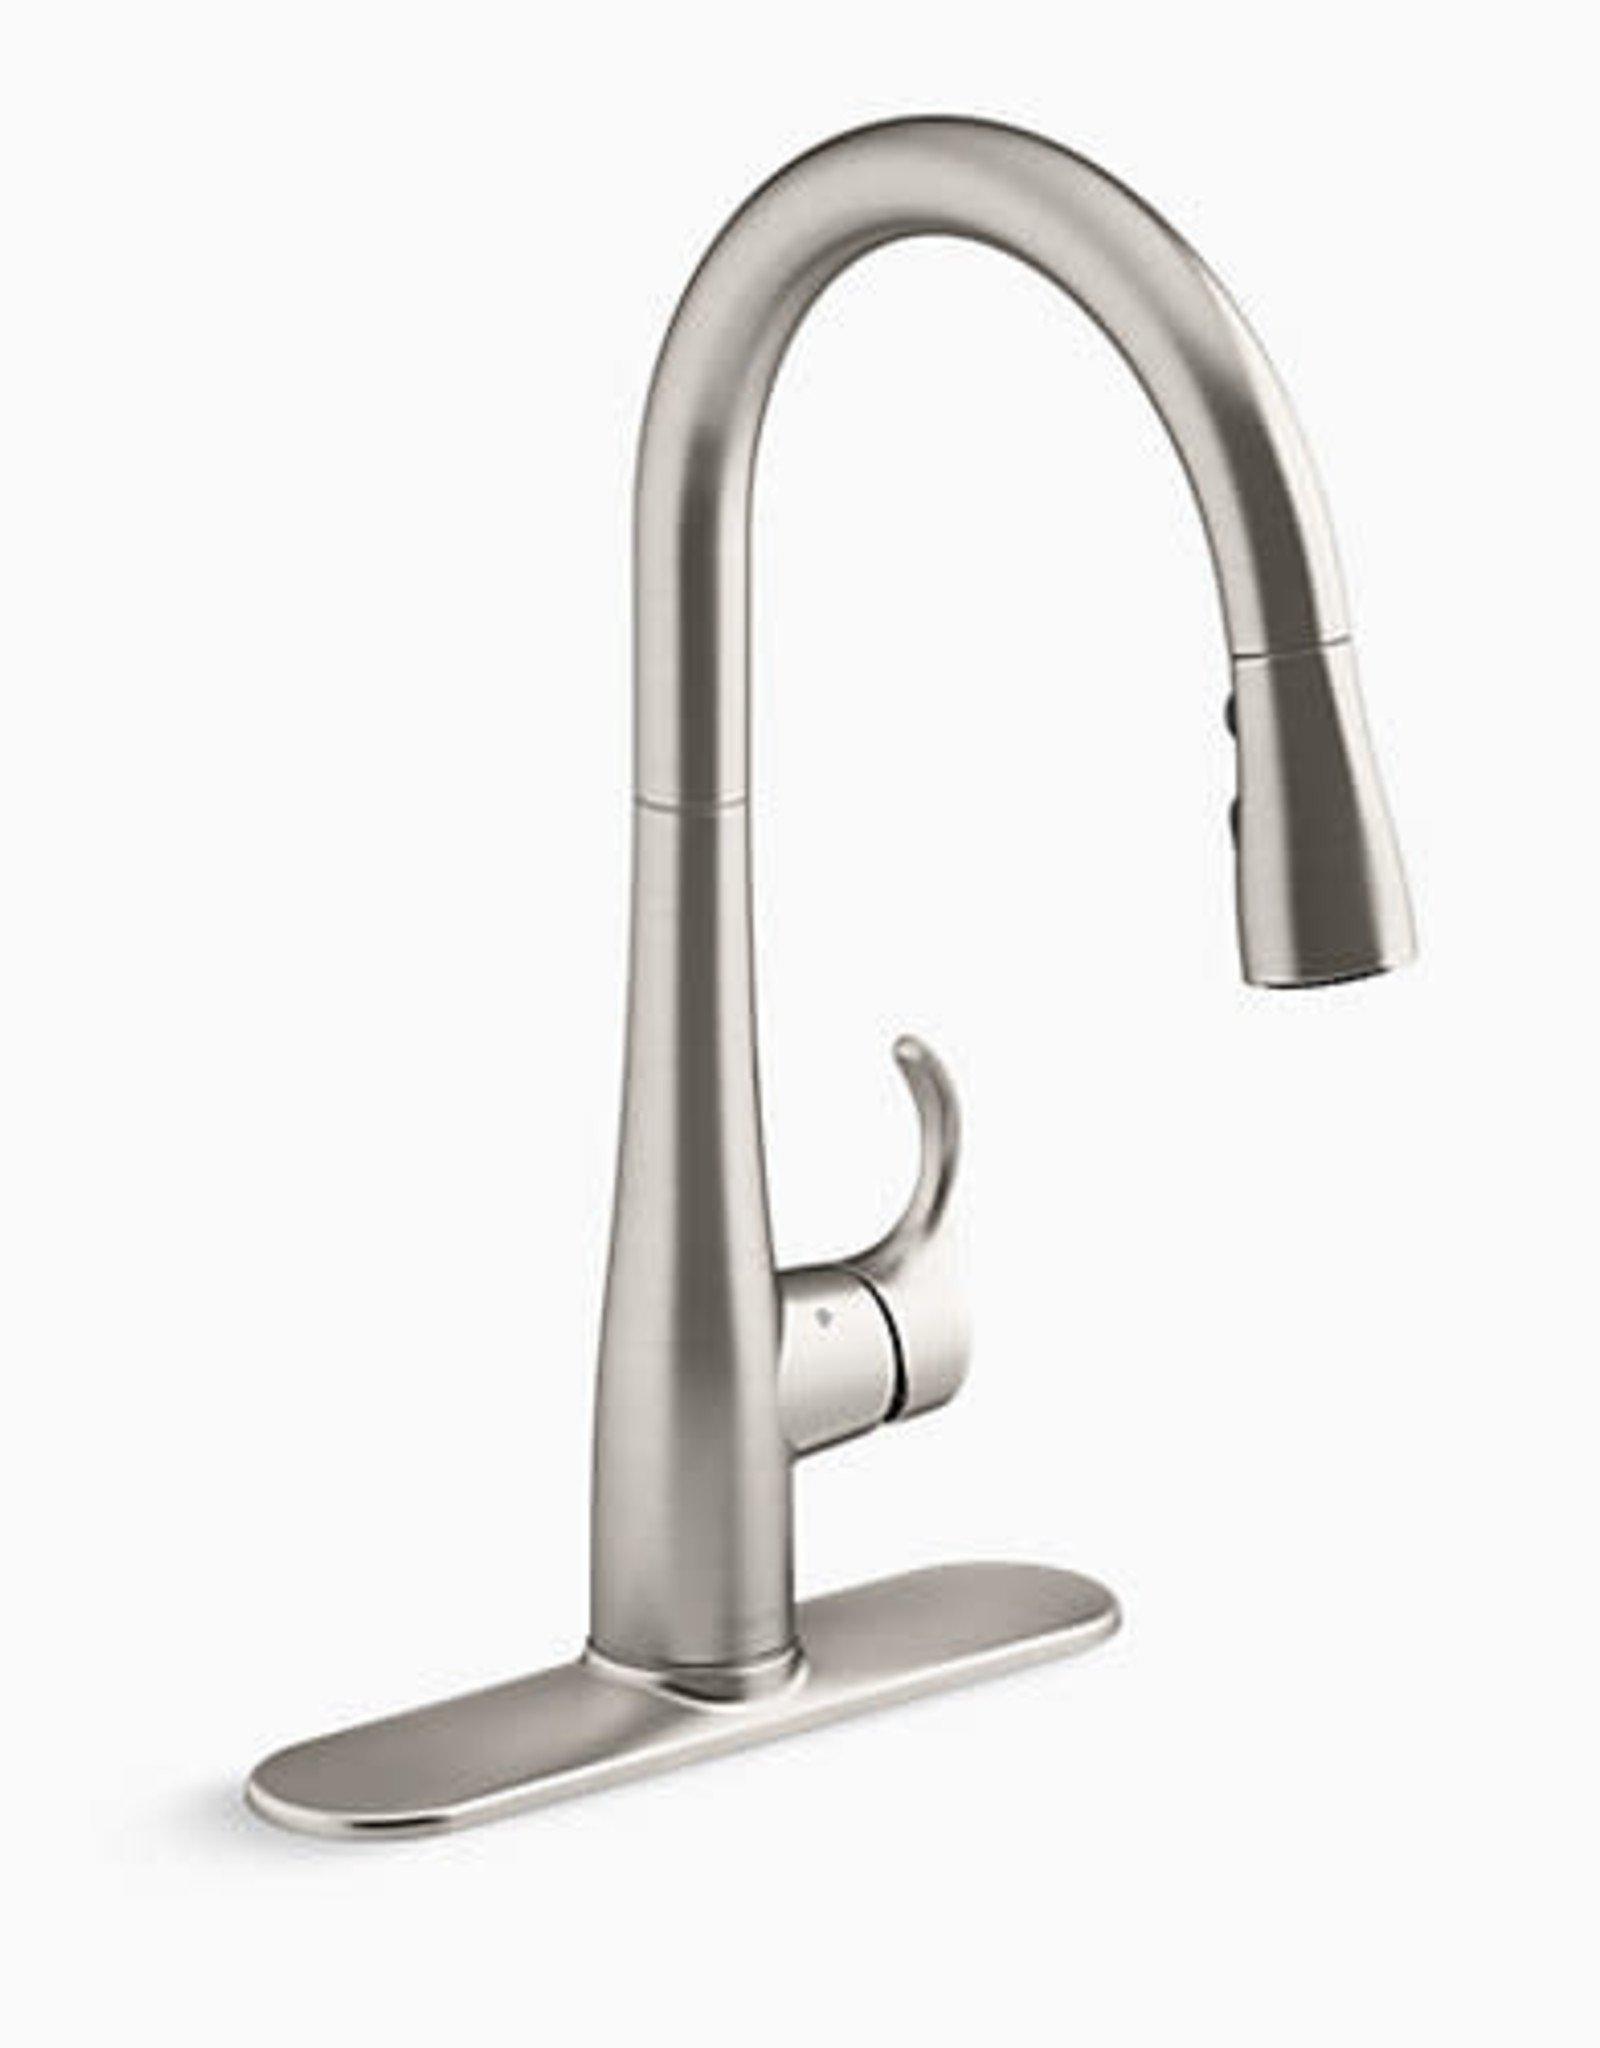 Kohler Kohler Simplice Vibrant Stainless Kitchen Faucet Touchless